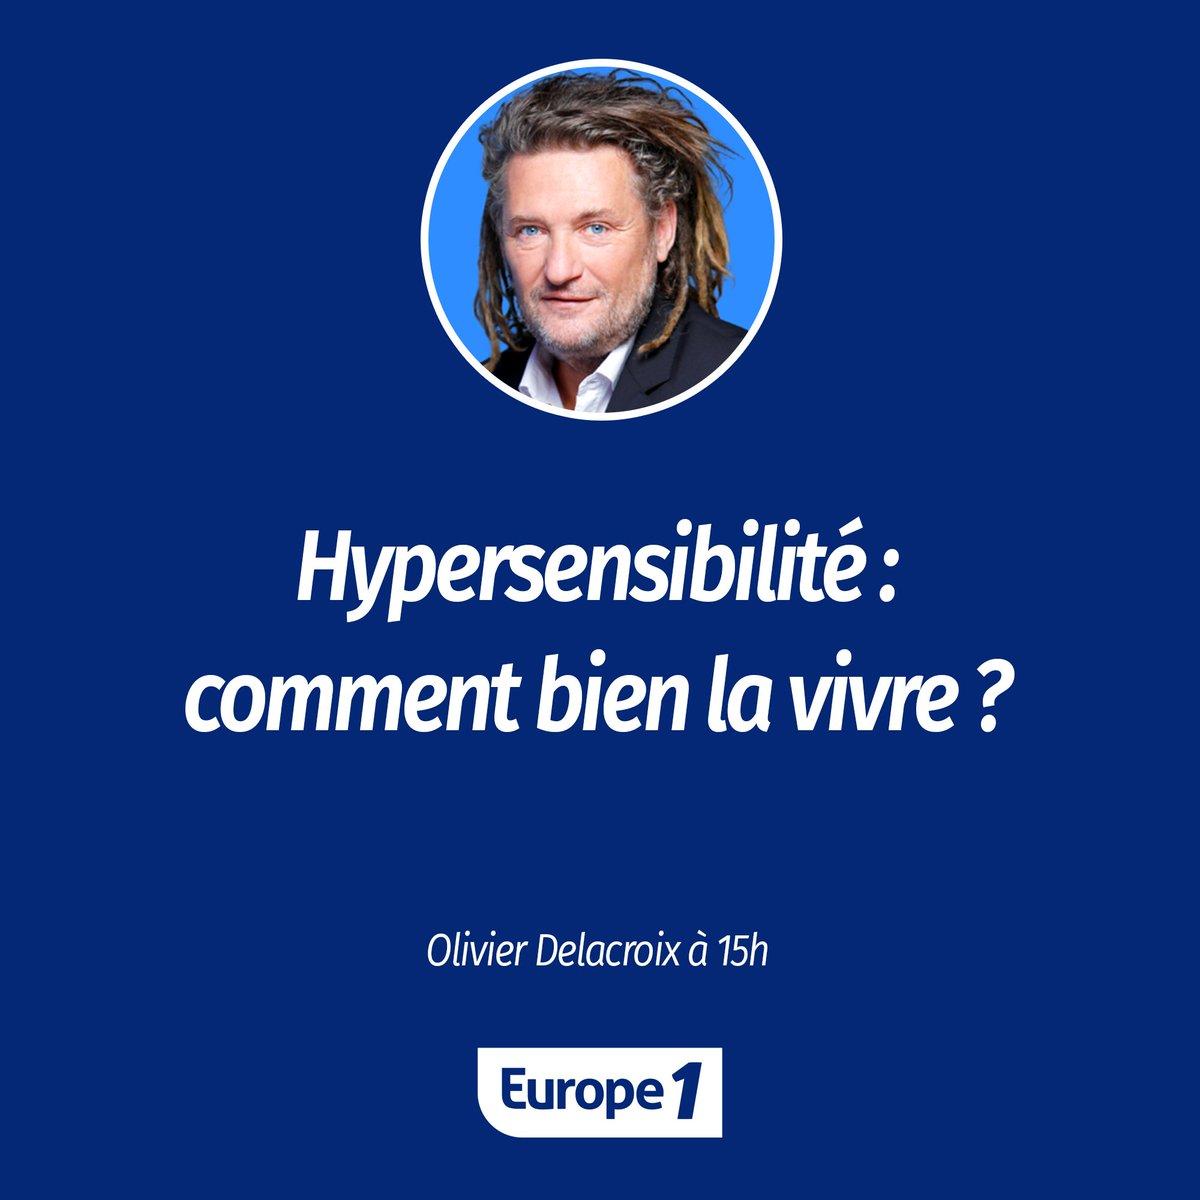 Il est bientôt 15h, il est temps de partager vos expériences de vie avec @ODelacroixmusic. On parle d'hypersensibilité.  💬 Réagissez et témoignez ave#Europe1c  ou ☎️ appelez le 3921.  ▶https://t.co/2HBhhaEeJP️